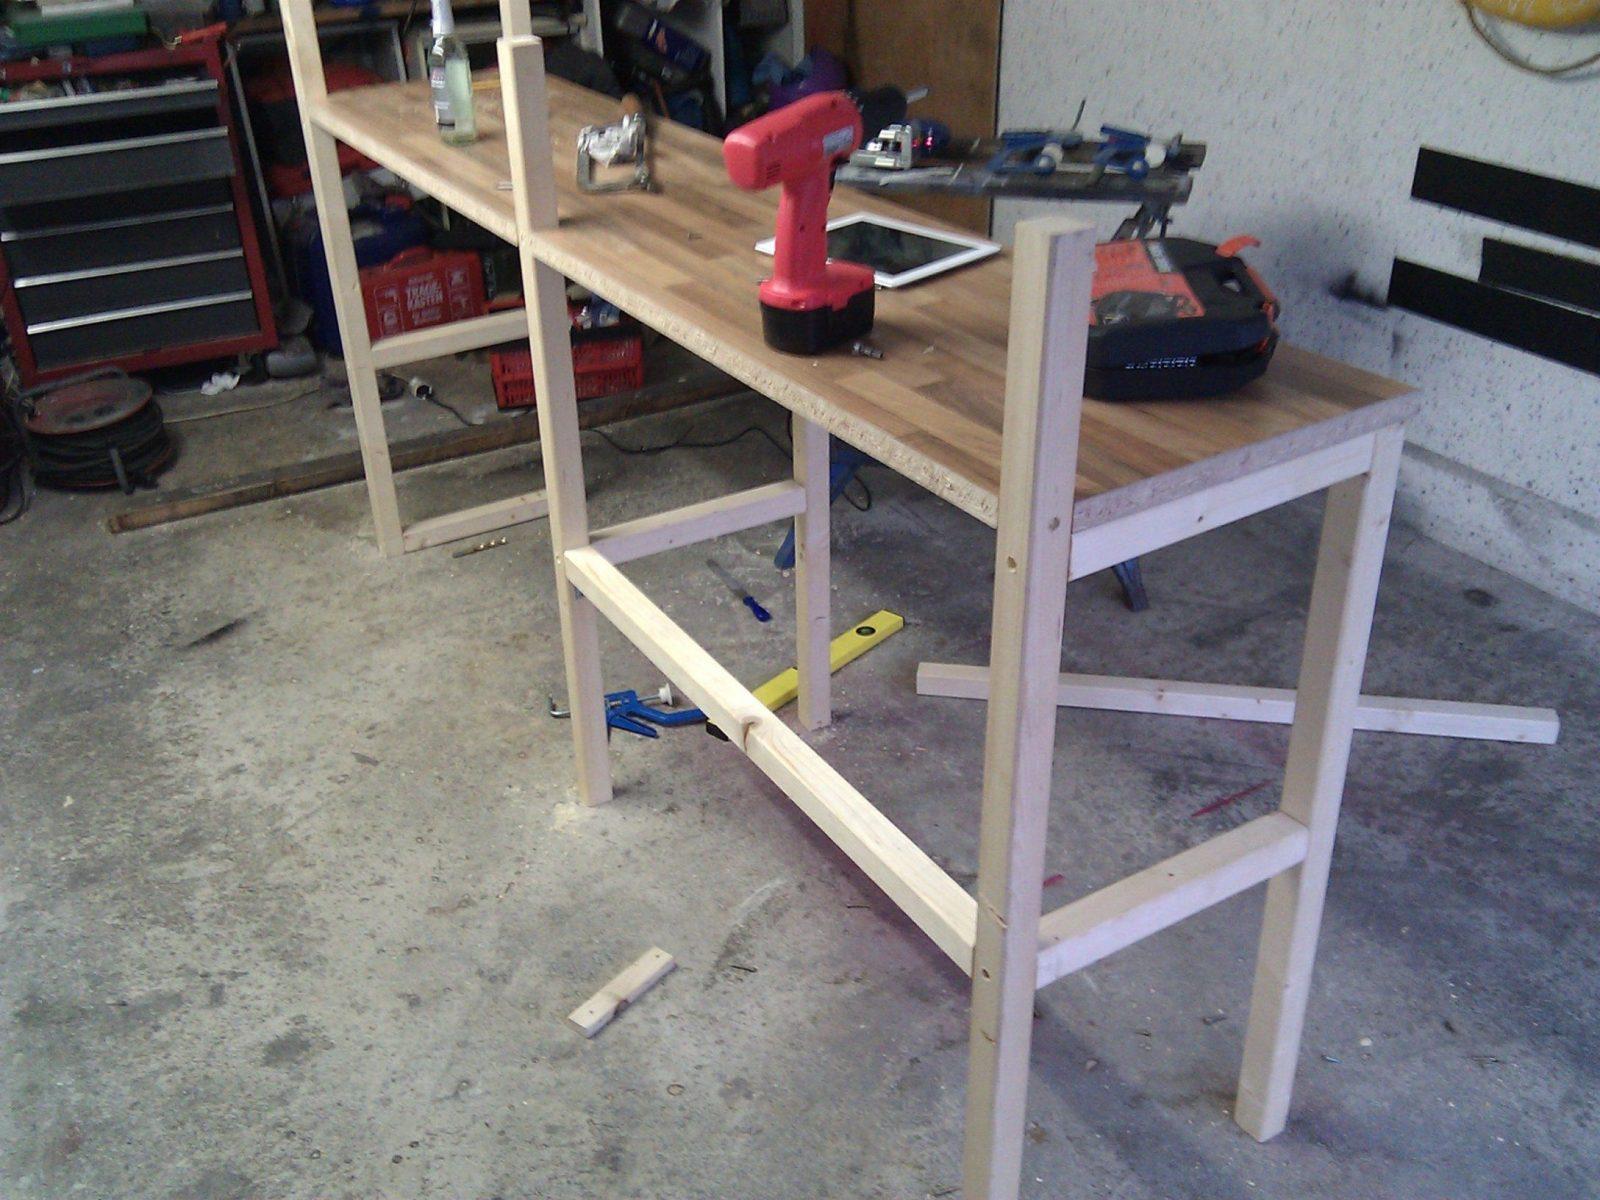 Theke Selber Bauen Holz Sl47 Hitoiro Von Theke Selber Bauen Holz